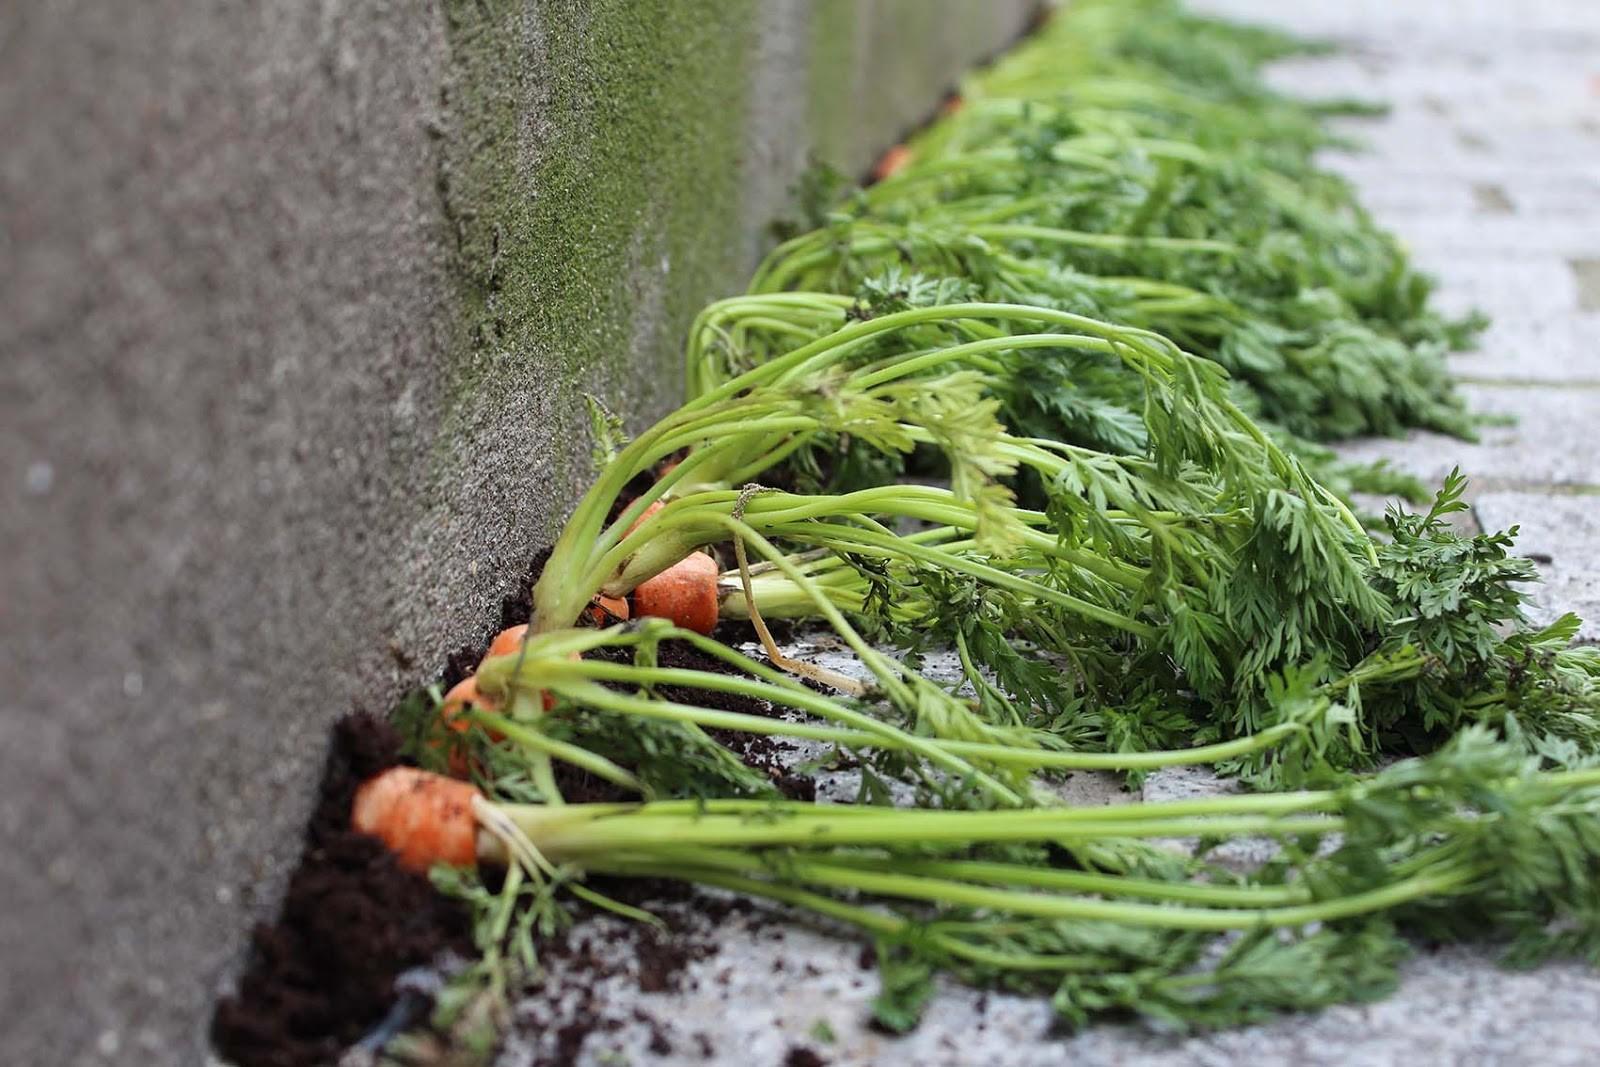 Installazione artistica con carote